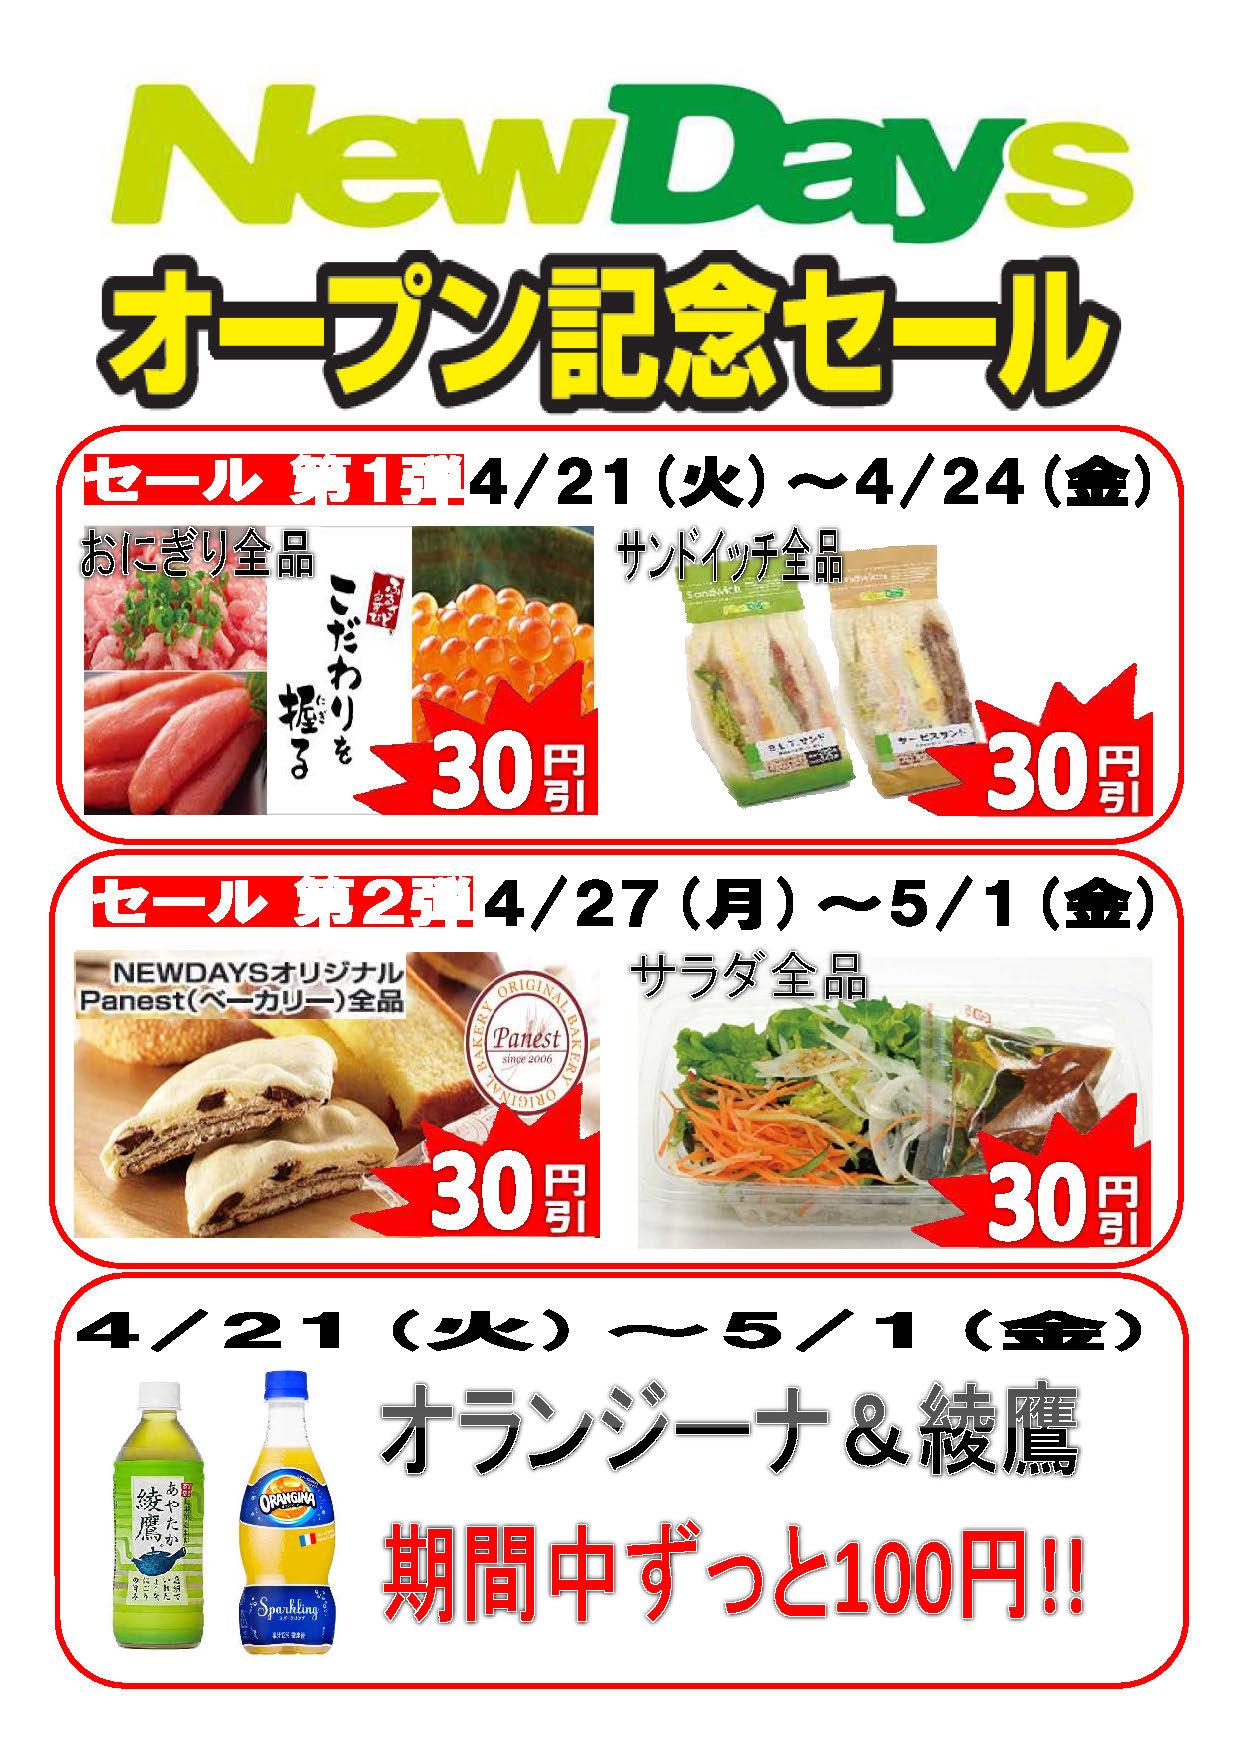 NEWDAYSモノレール千葉駅店リニューアルオープン記念セール